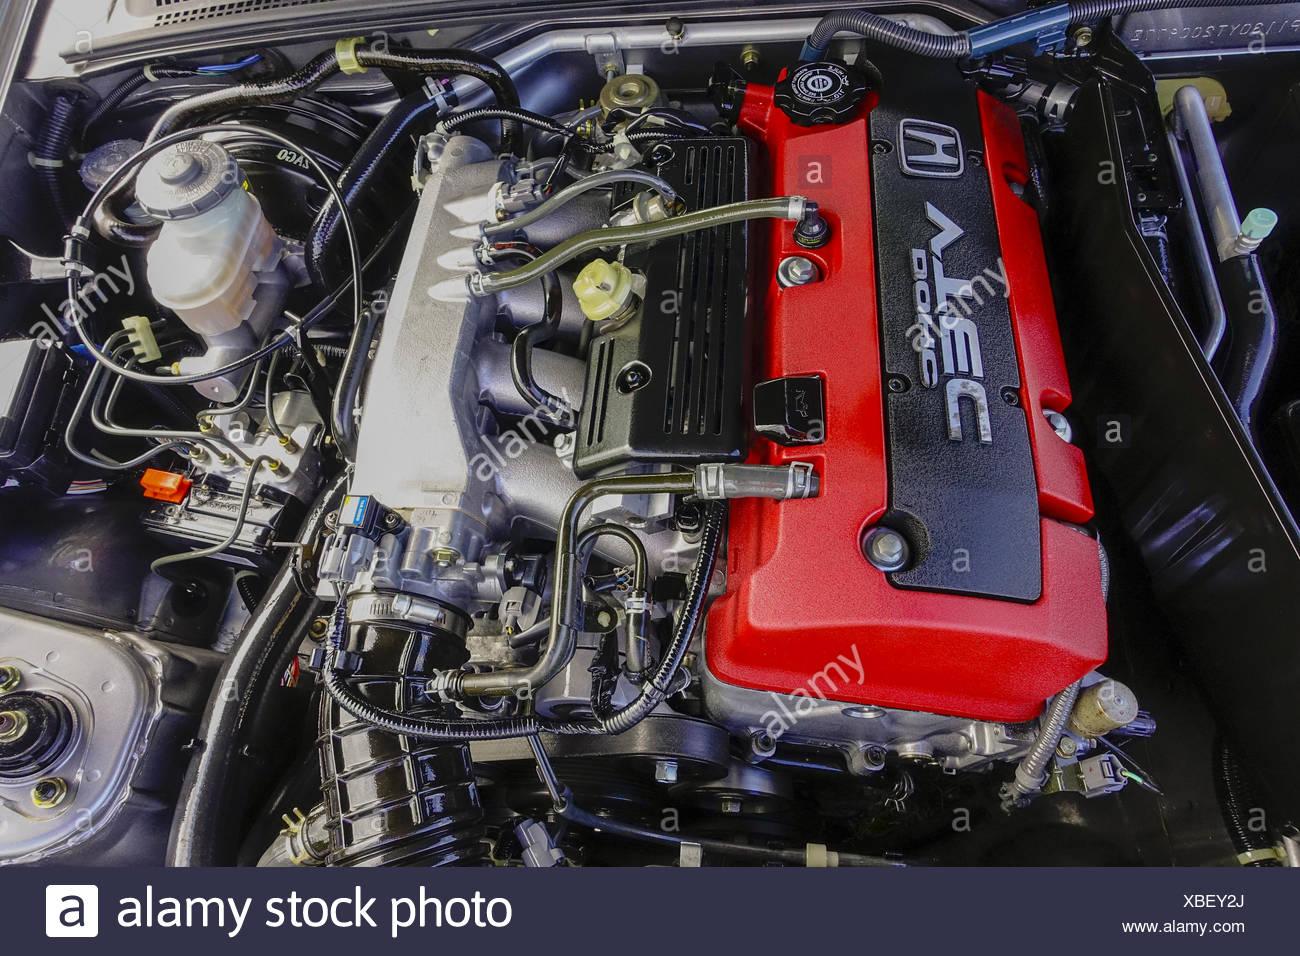 Block gas honda stock photos block gas honda stock for Honda motor company stock